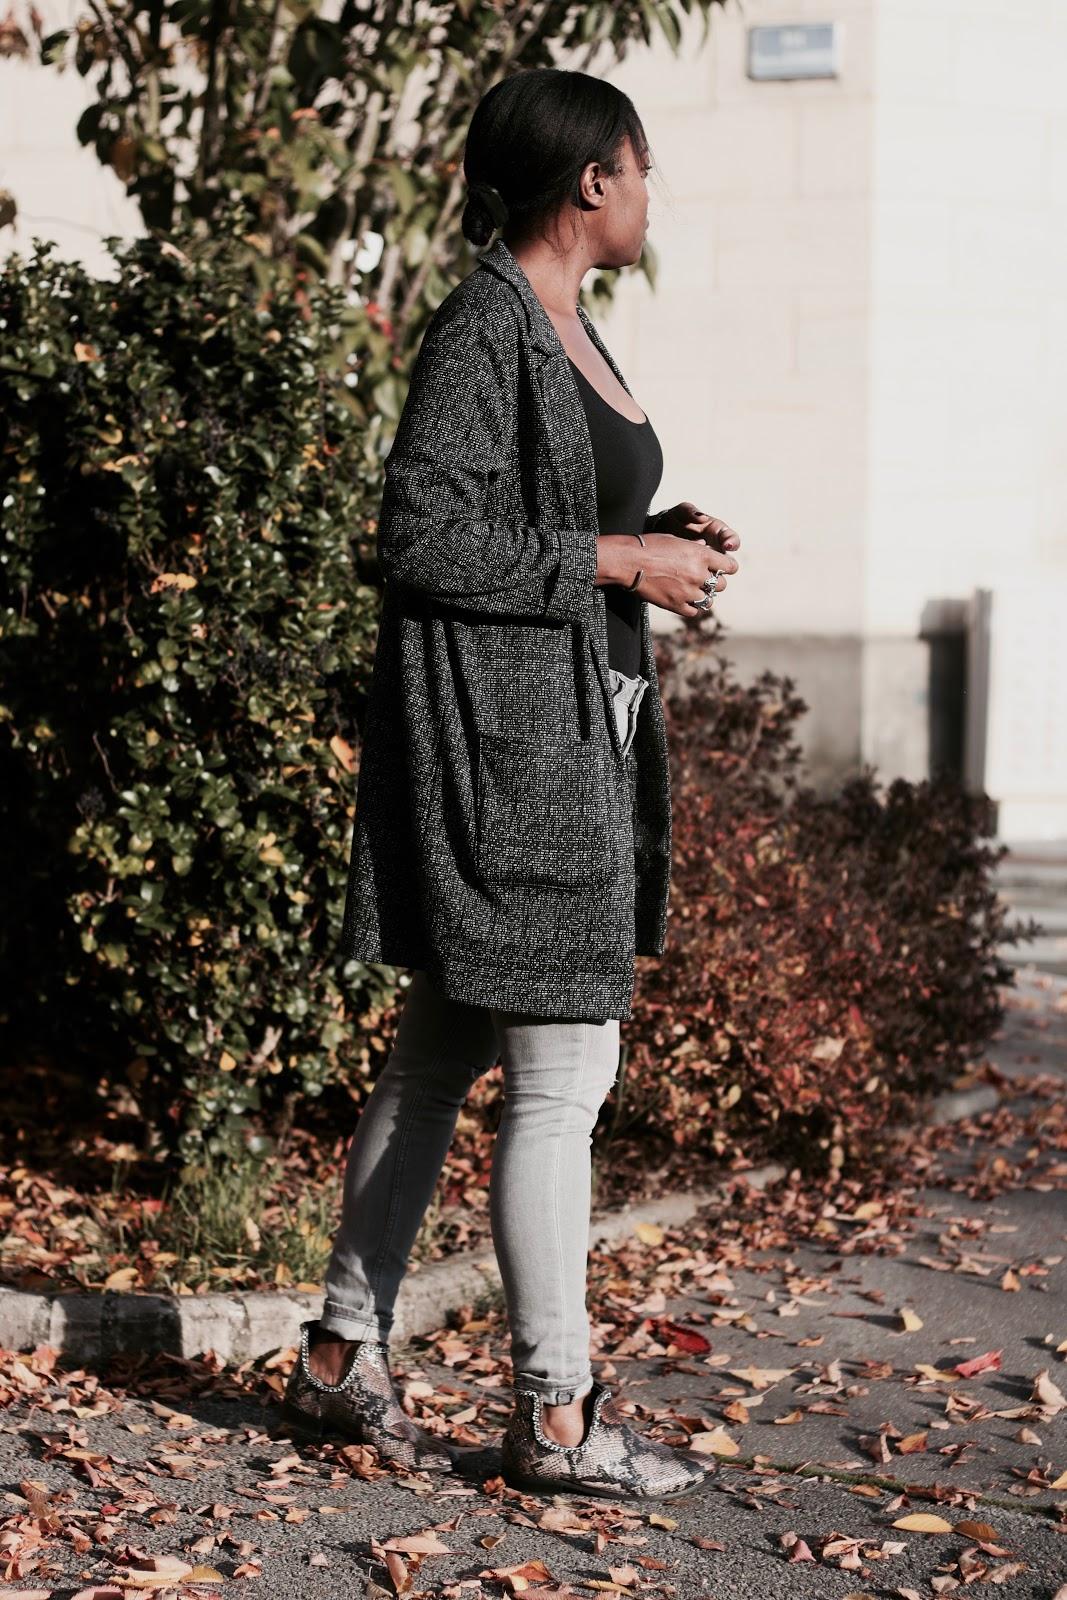 veste-grise-bottines-python-jeans-gris-body-noir